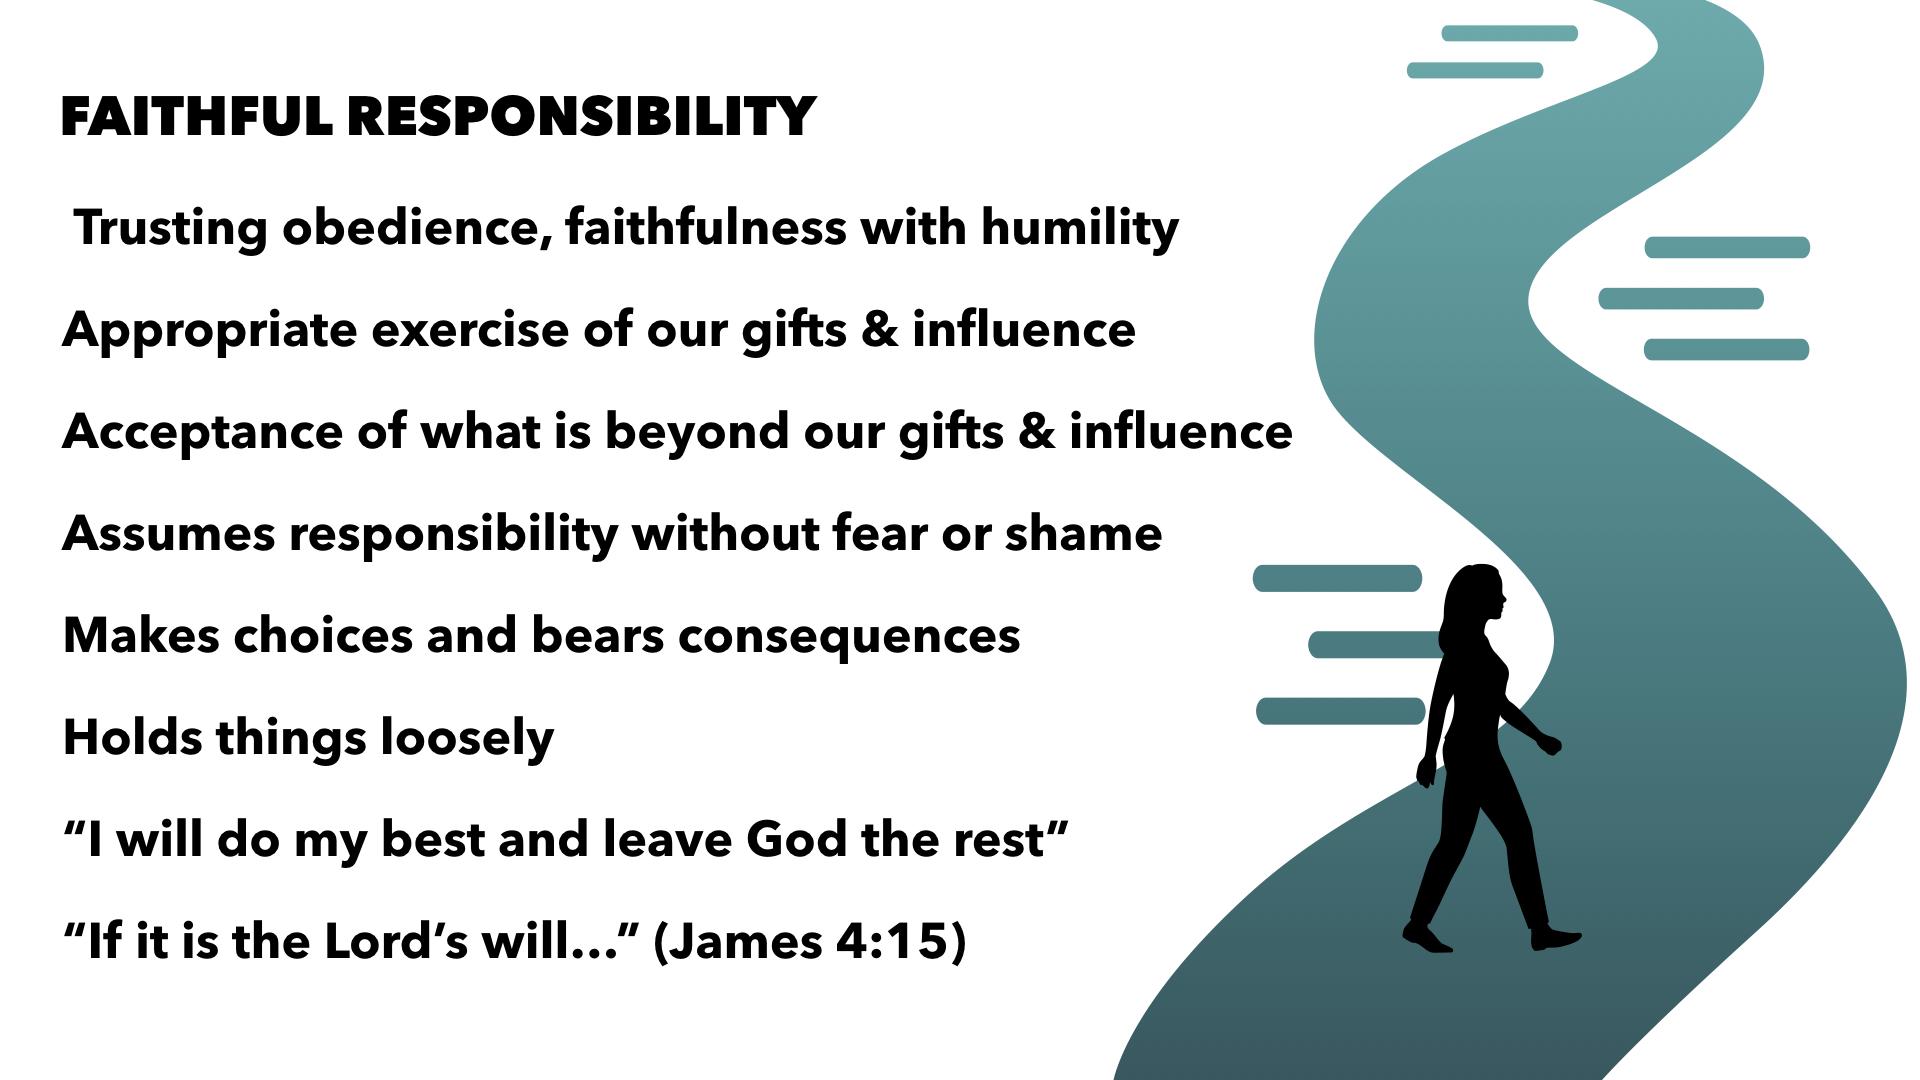 Faithful Responsibility